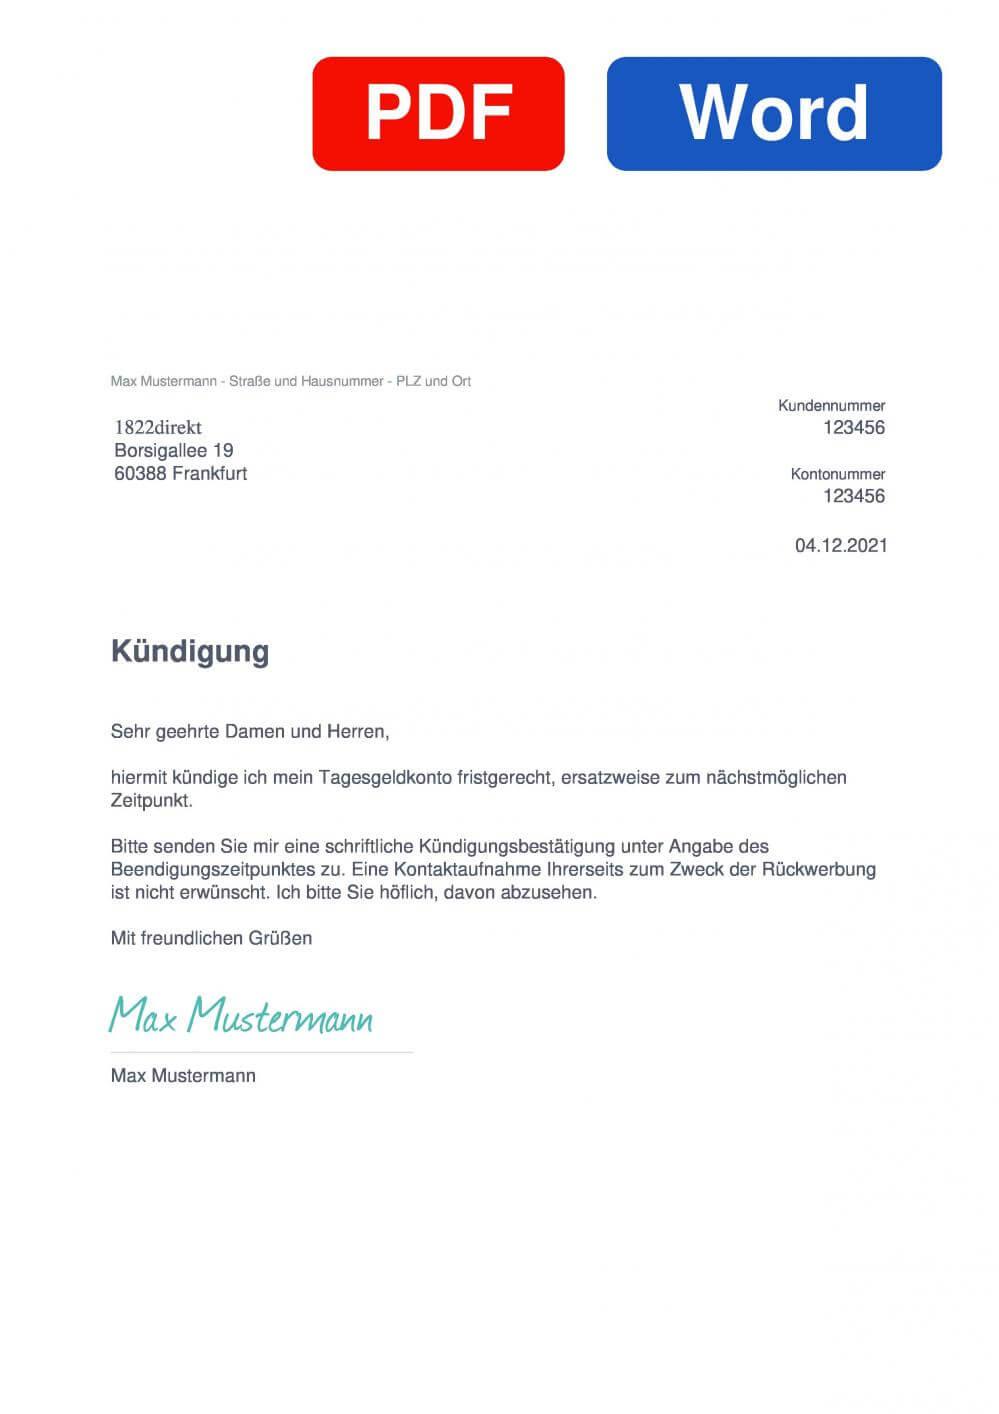 1822direkt Tagesgeldkonto Muster Vorlage für Kündigungsschreiben